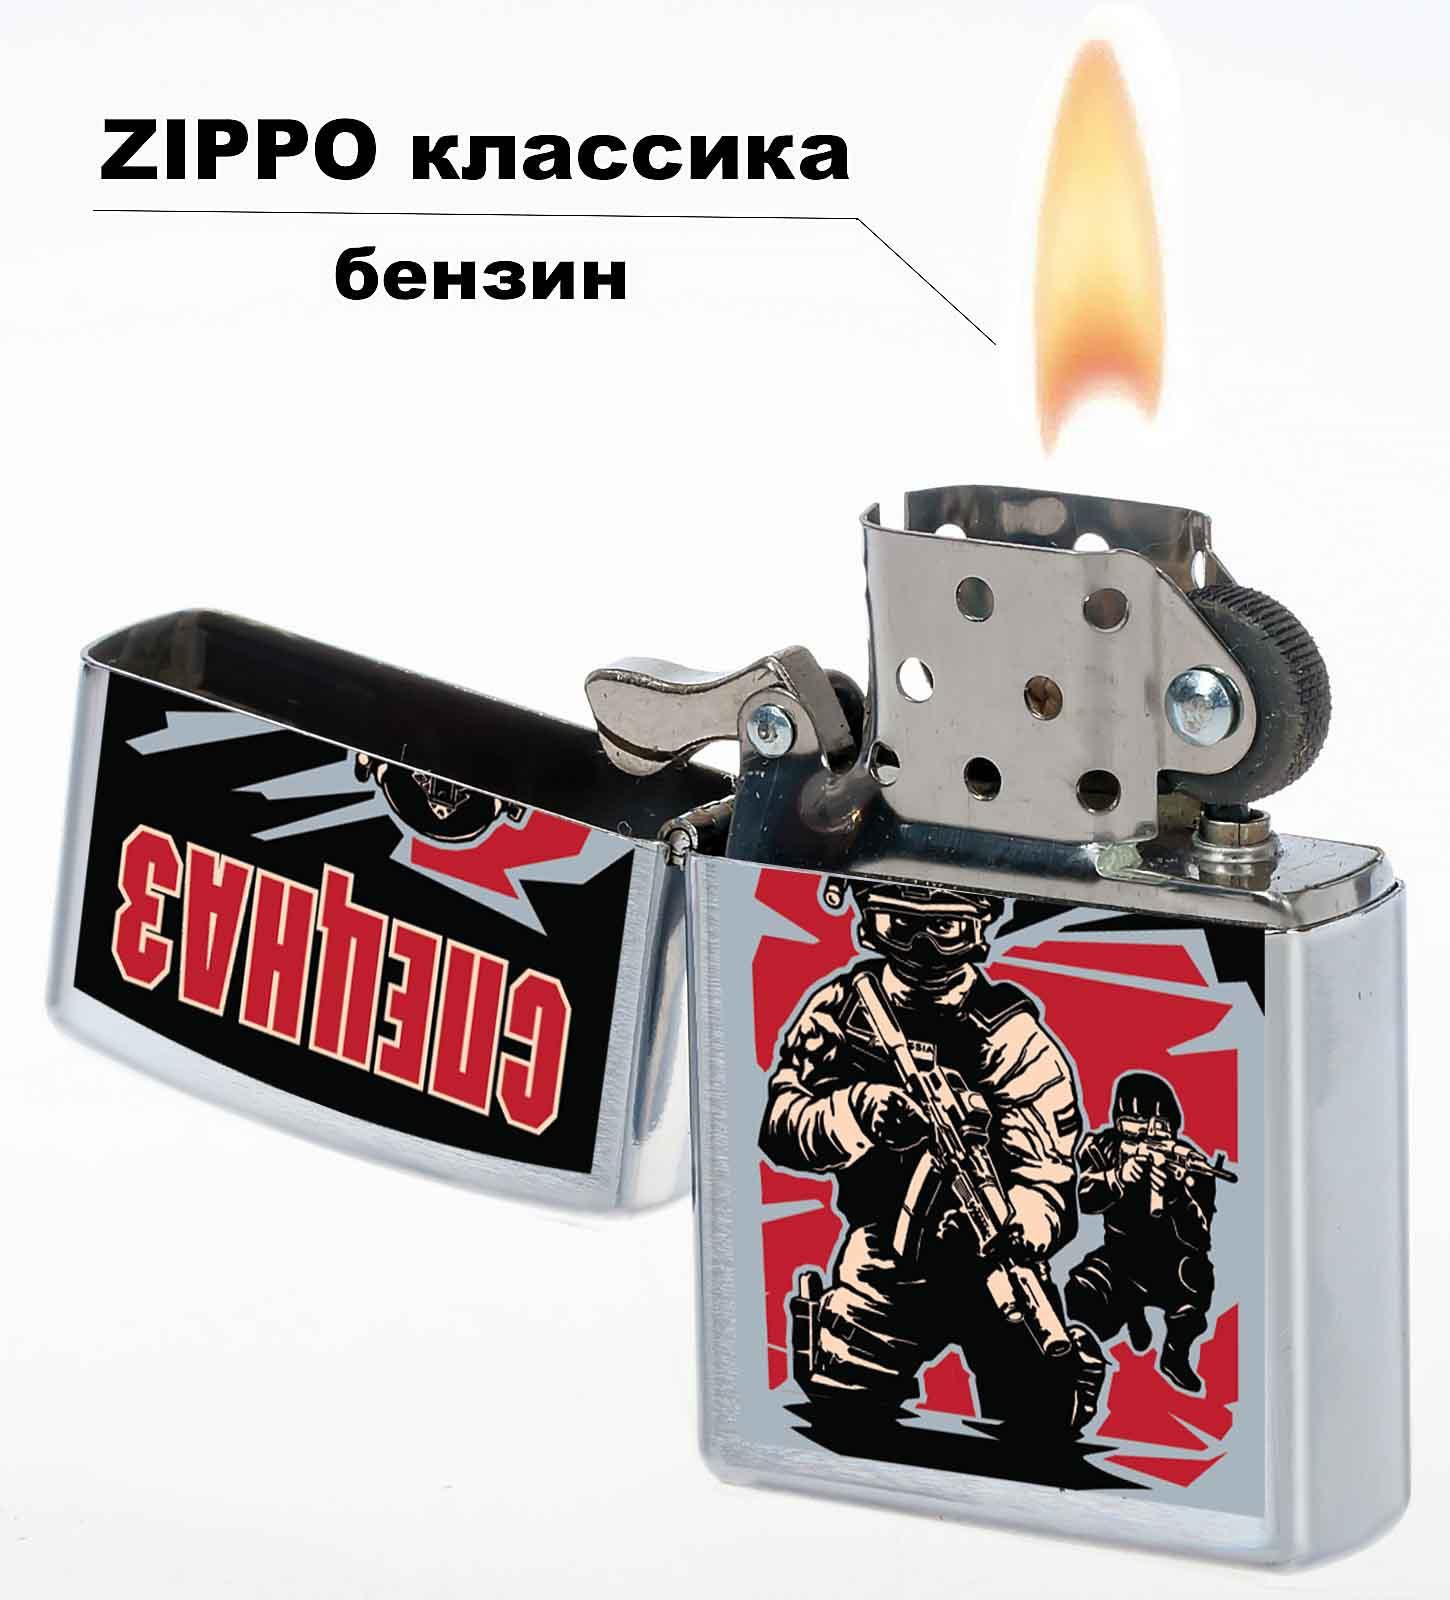 Надежная металлическая зажигалка Спецназ - заказать онлайн